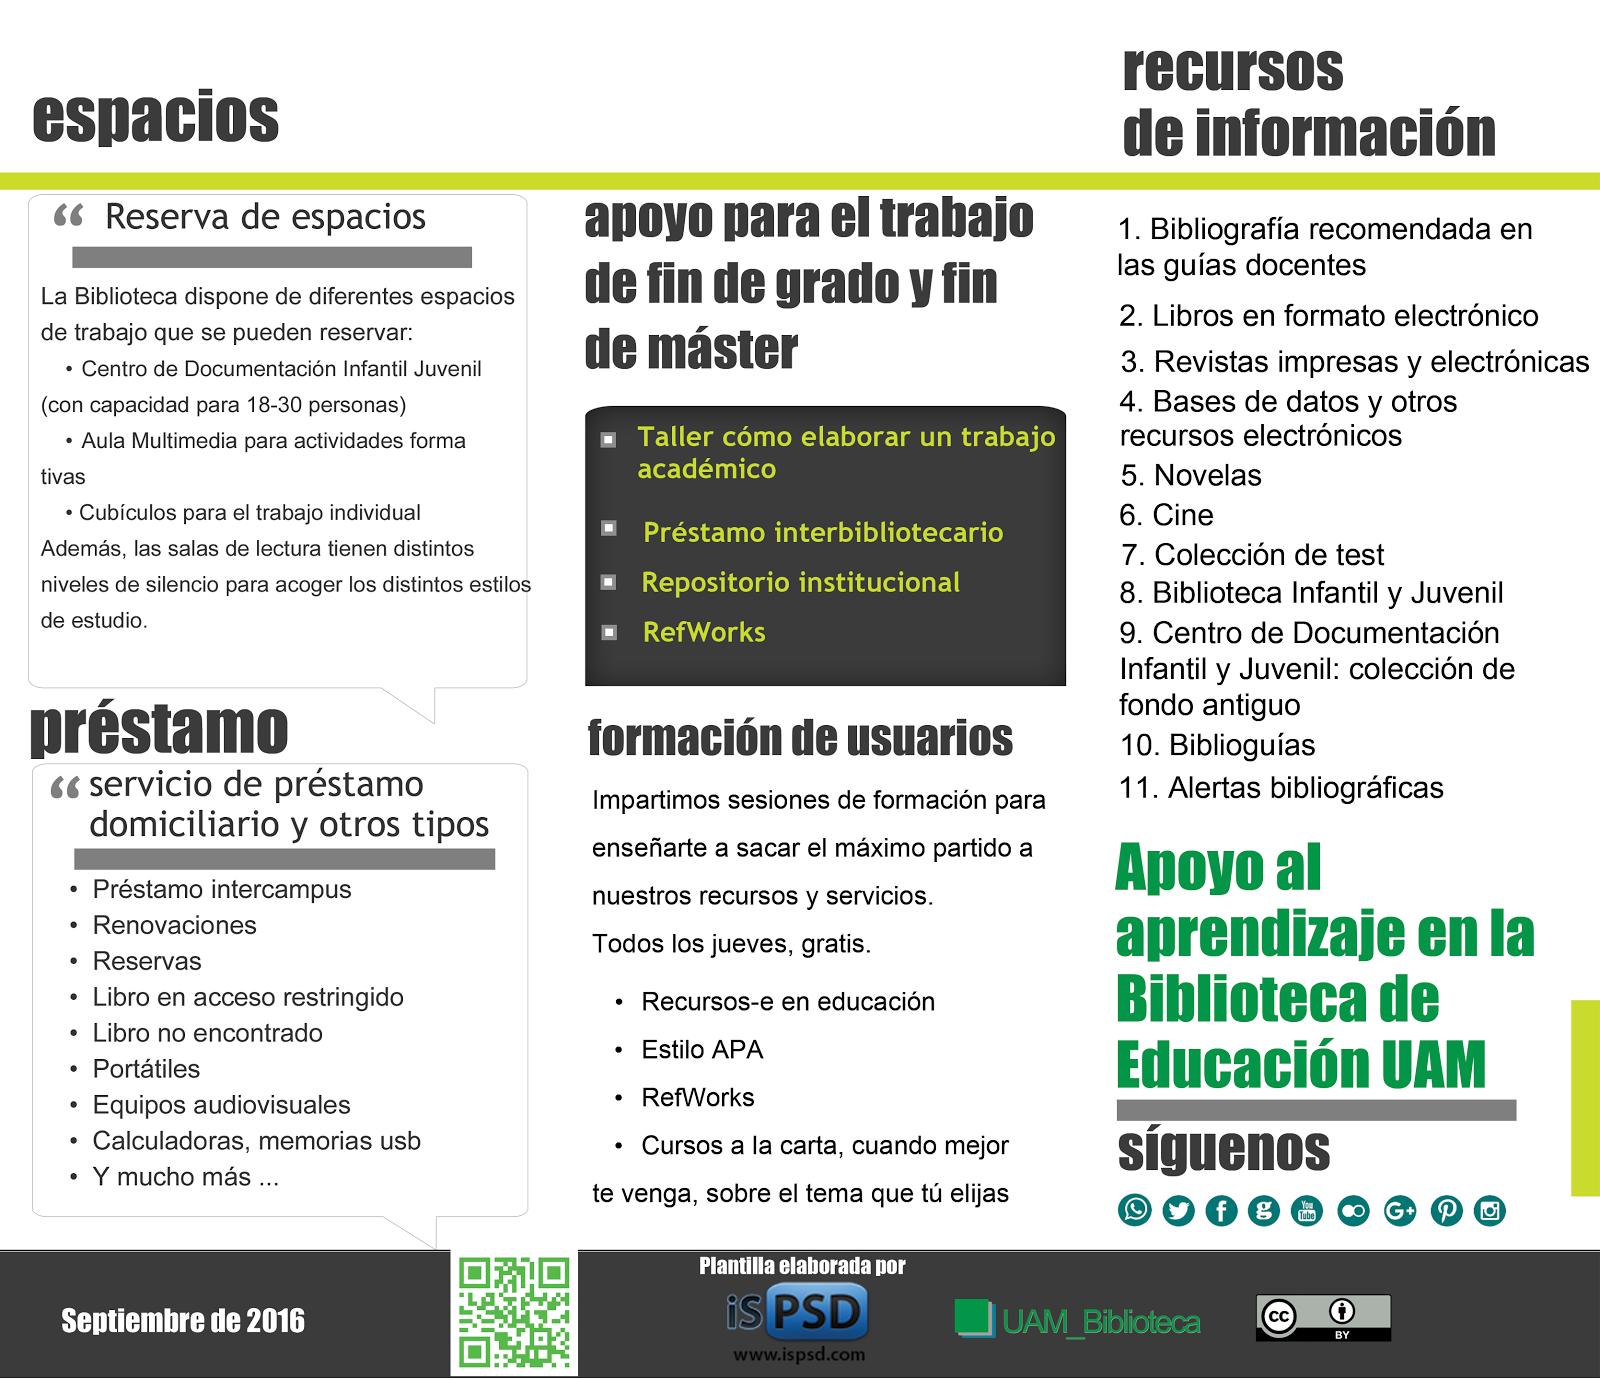 El apoyo al aprendizaje en la Biblioteca de Educación ~ CanalBiblos ...